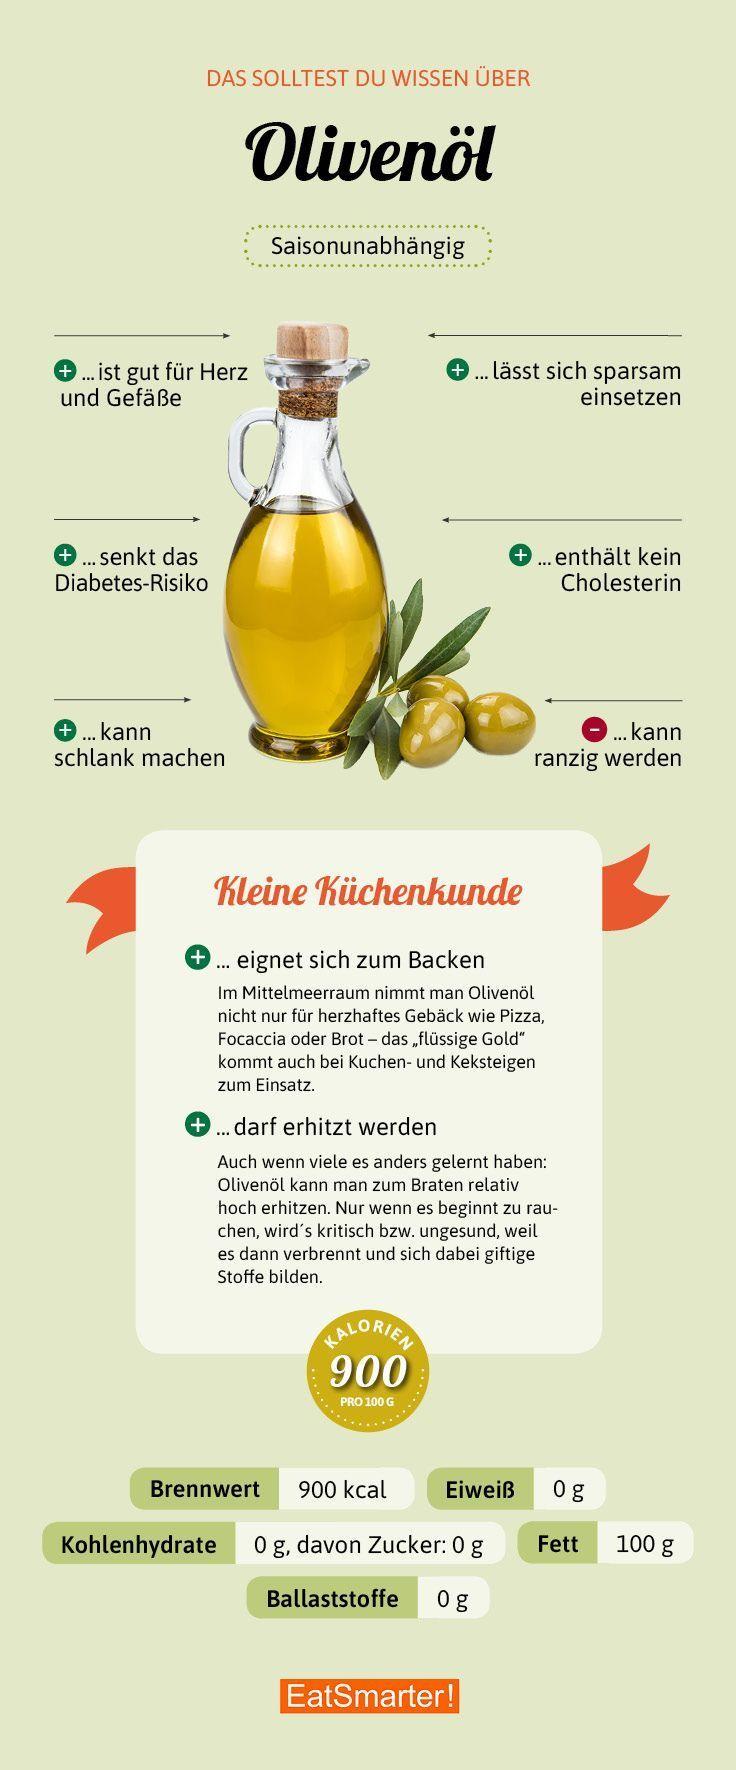 Olive oil: healthy & versatile -  You Should Know About Olive Oil | eatsmarter.de #olive oil #nutrit...